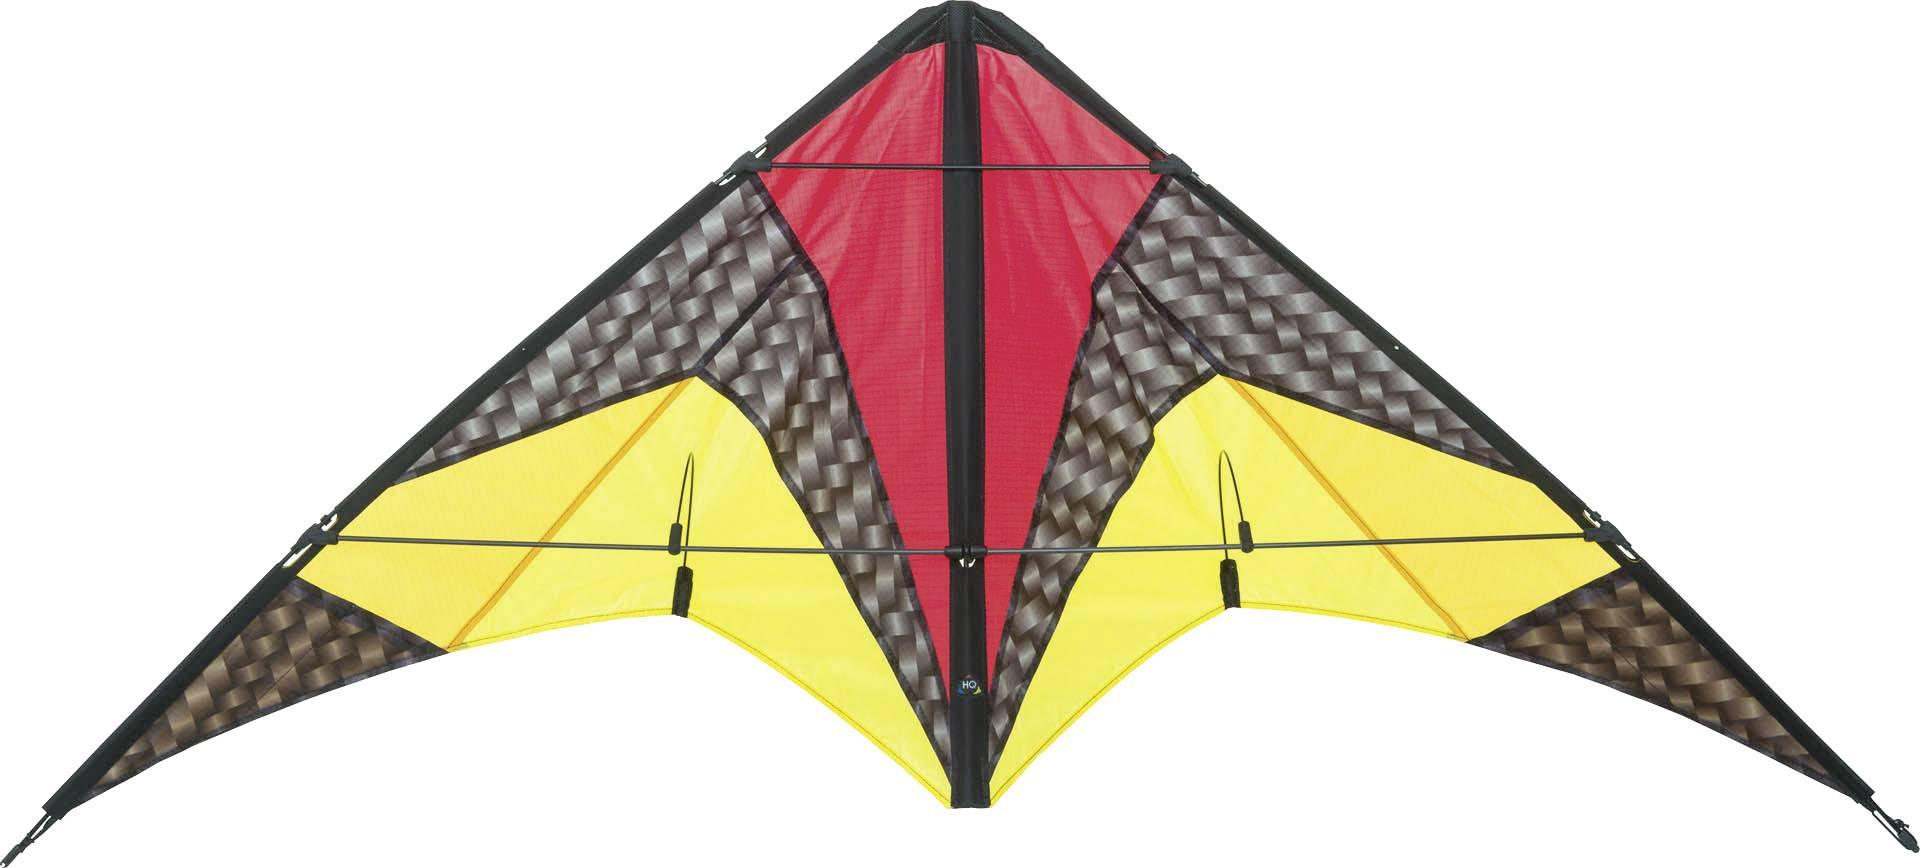 Aquilone acrobatico HQ Quickst